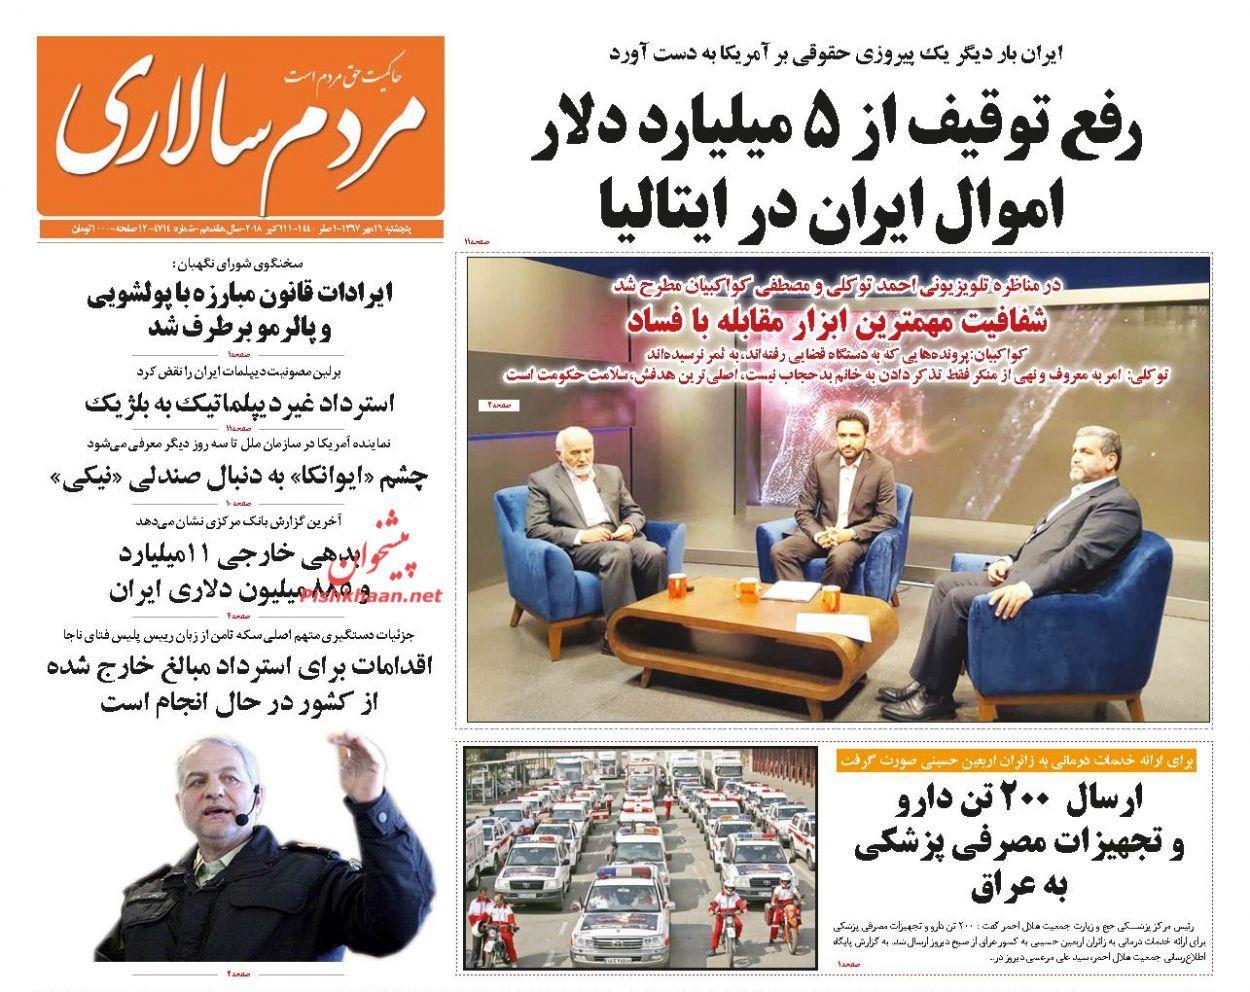 2717476 738 - صفحه نخست روزنامه های 19 مهر 97